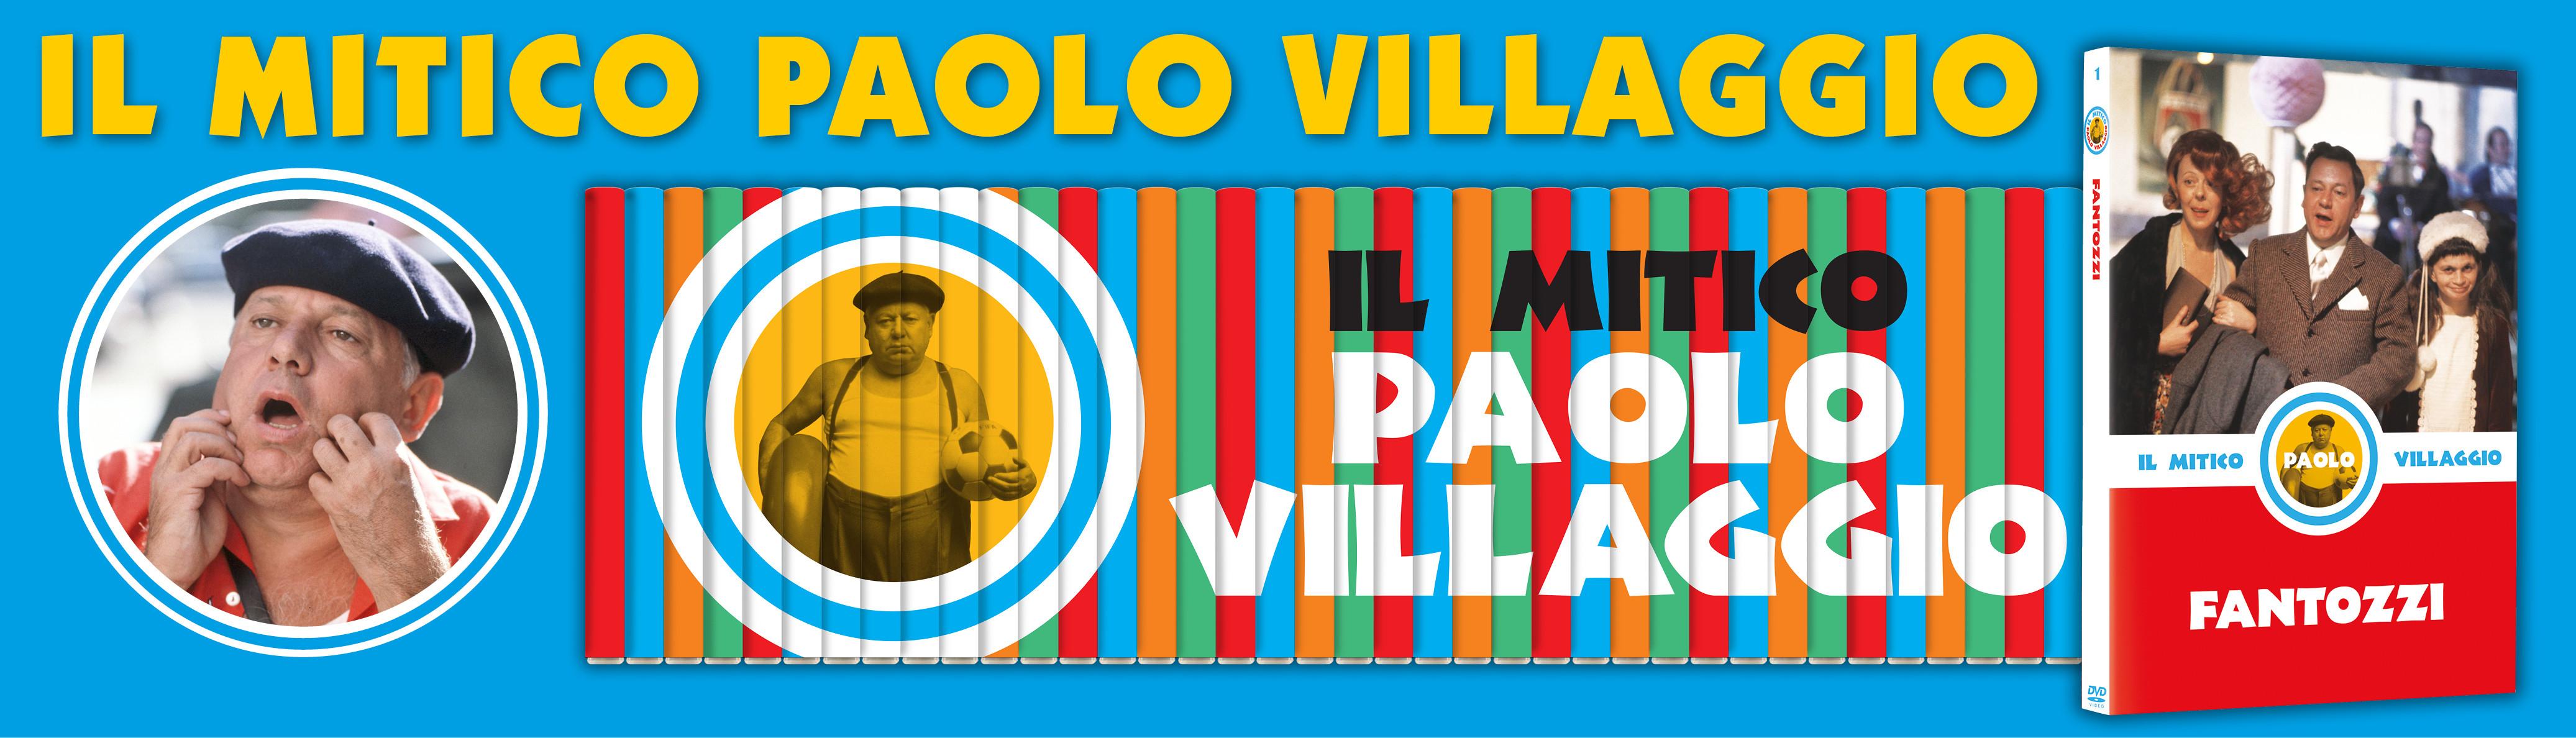 IL MITICO PAOLO VILLAGGIO